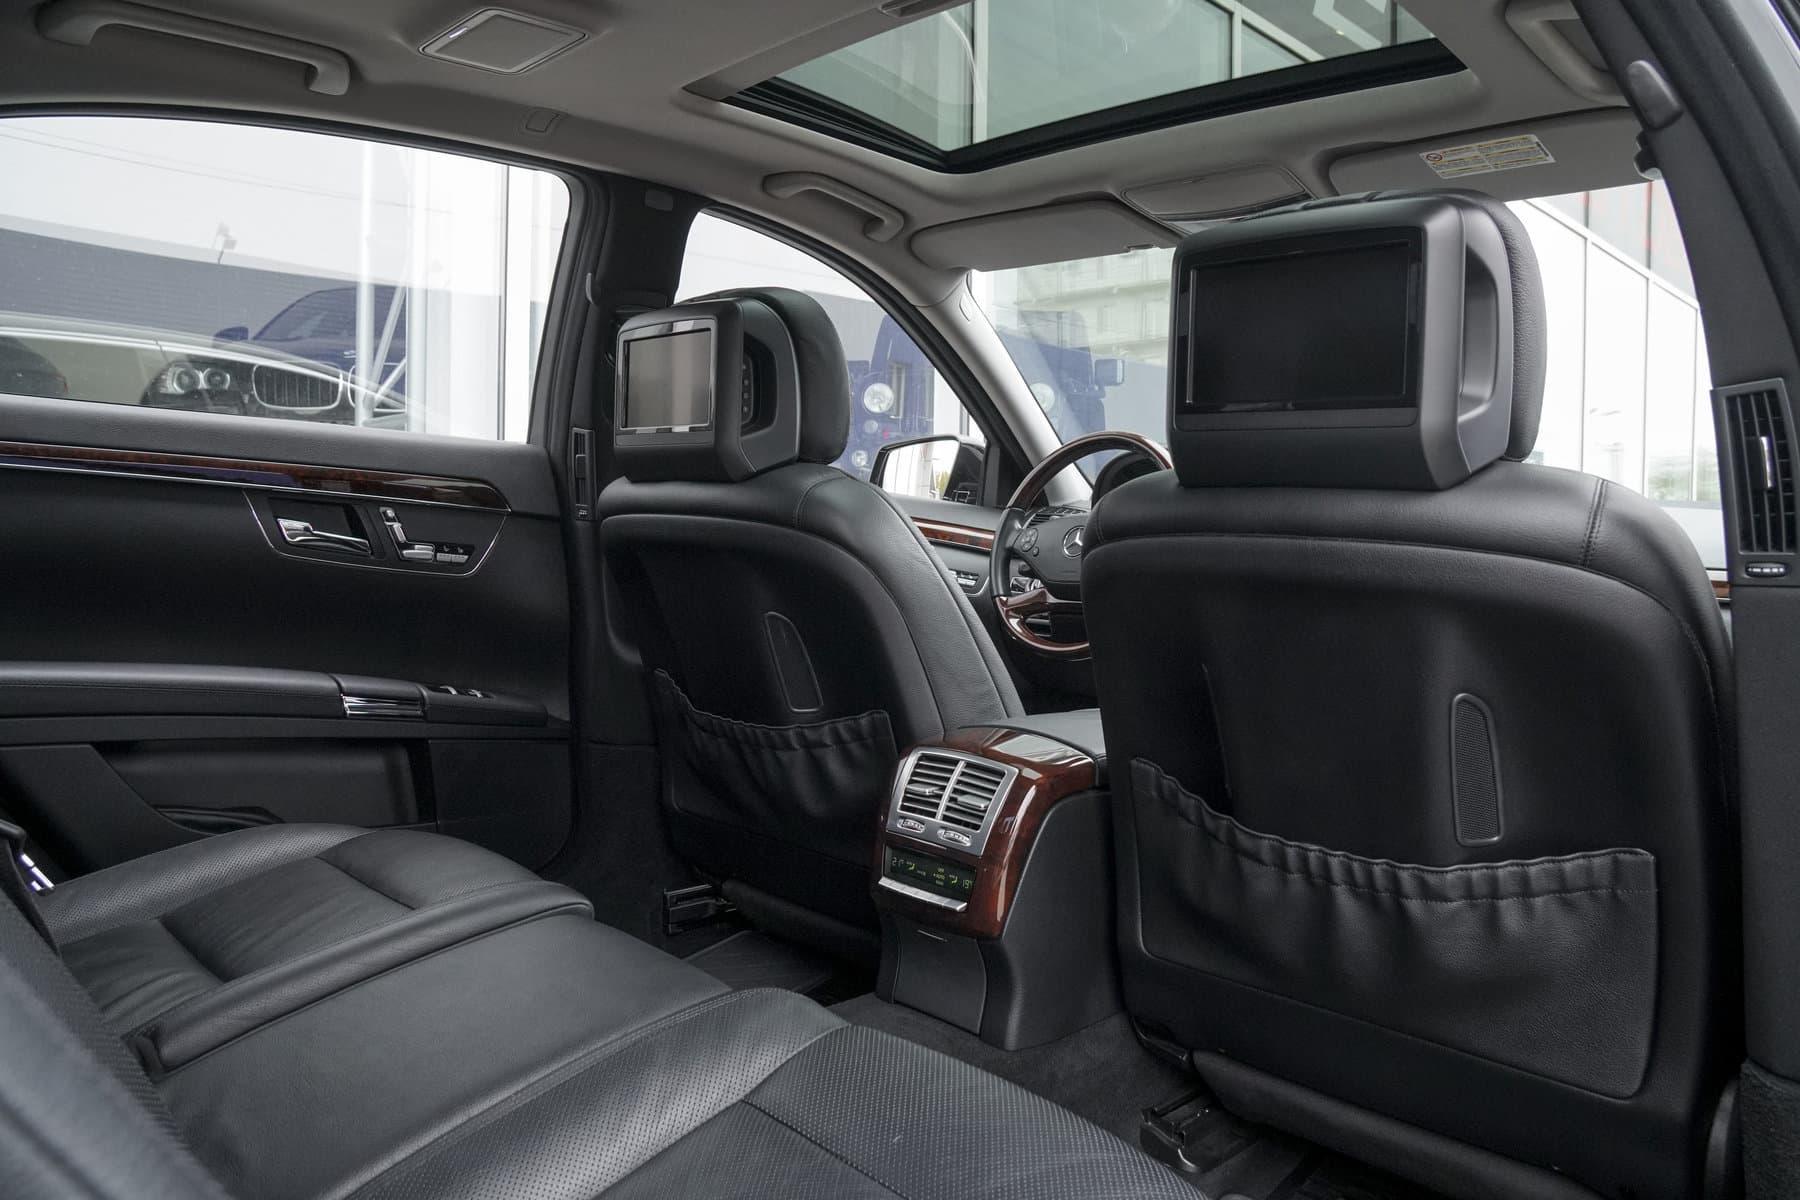 Mercedes-Benz S550 W221 4-matic - фото 8